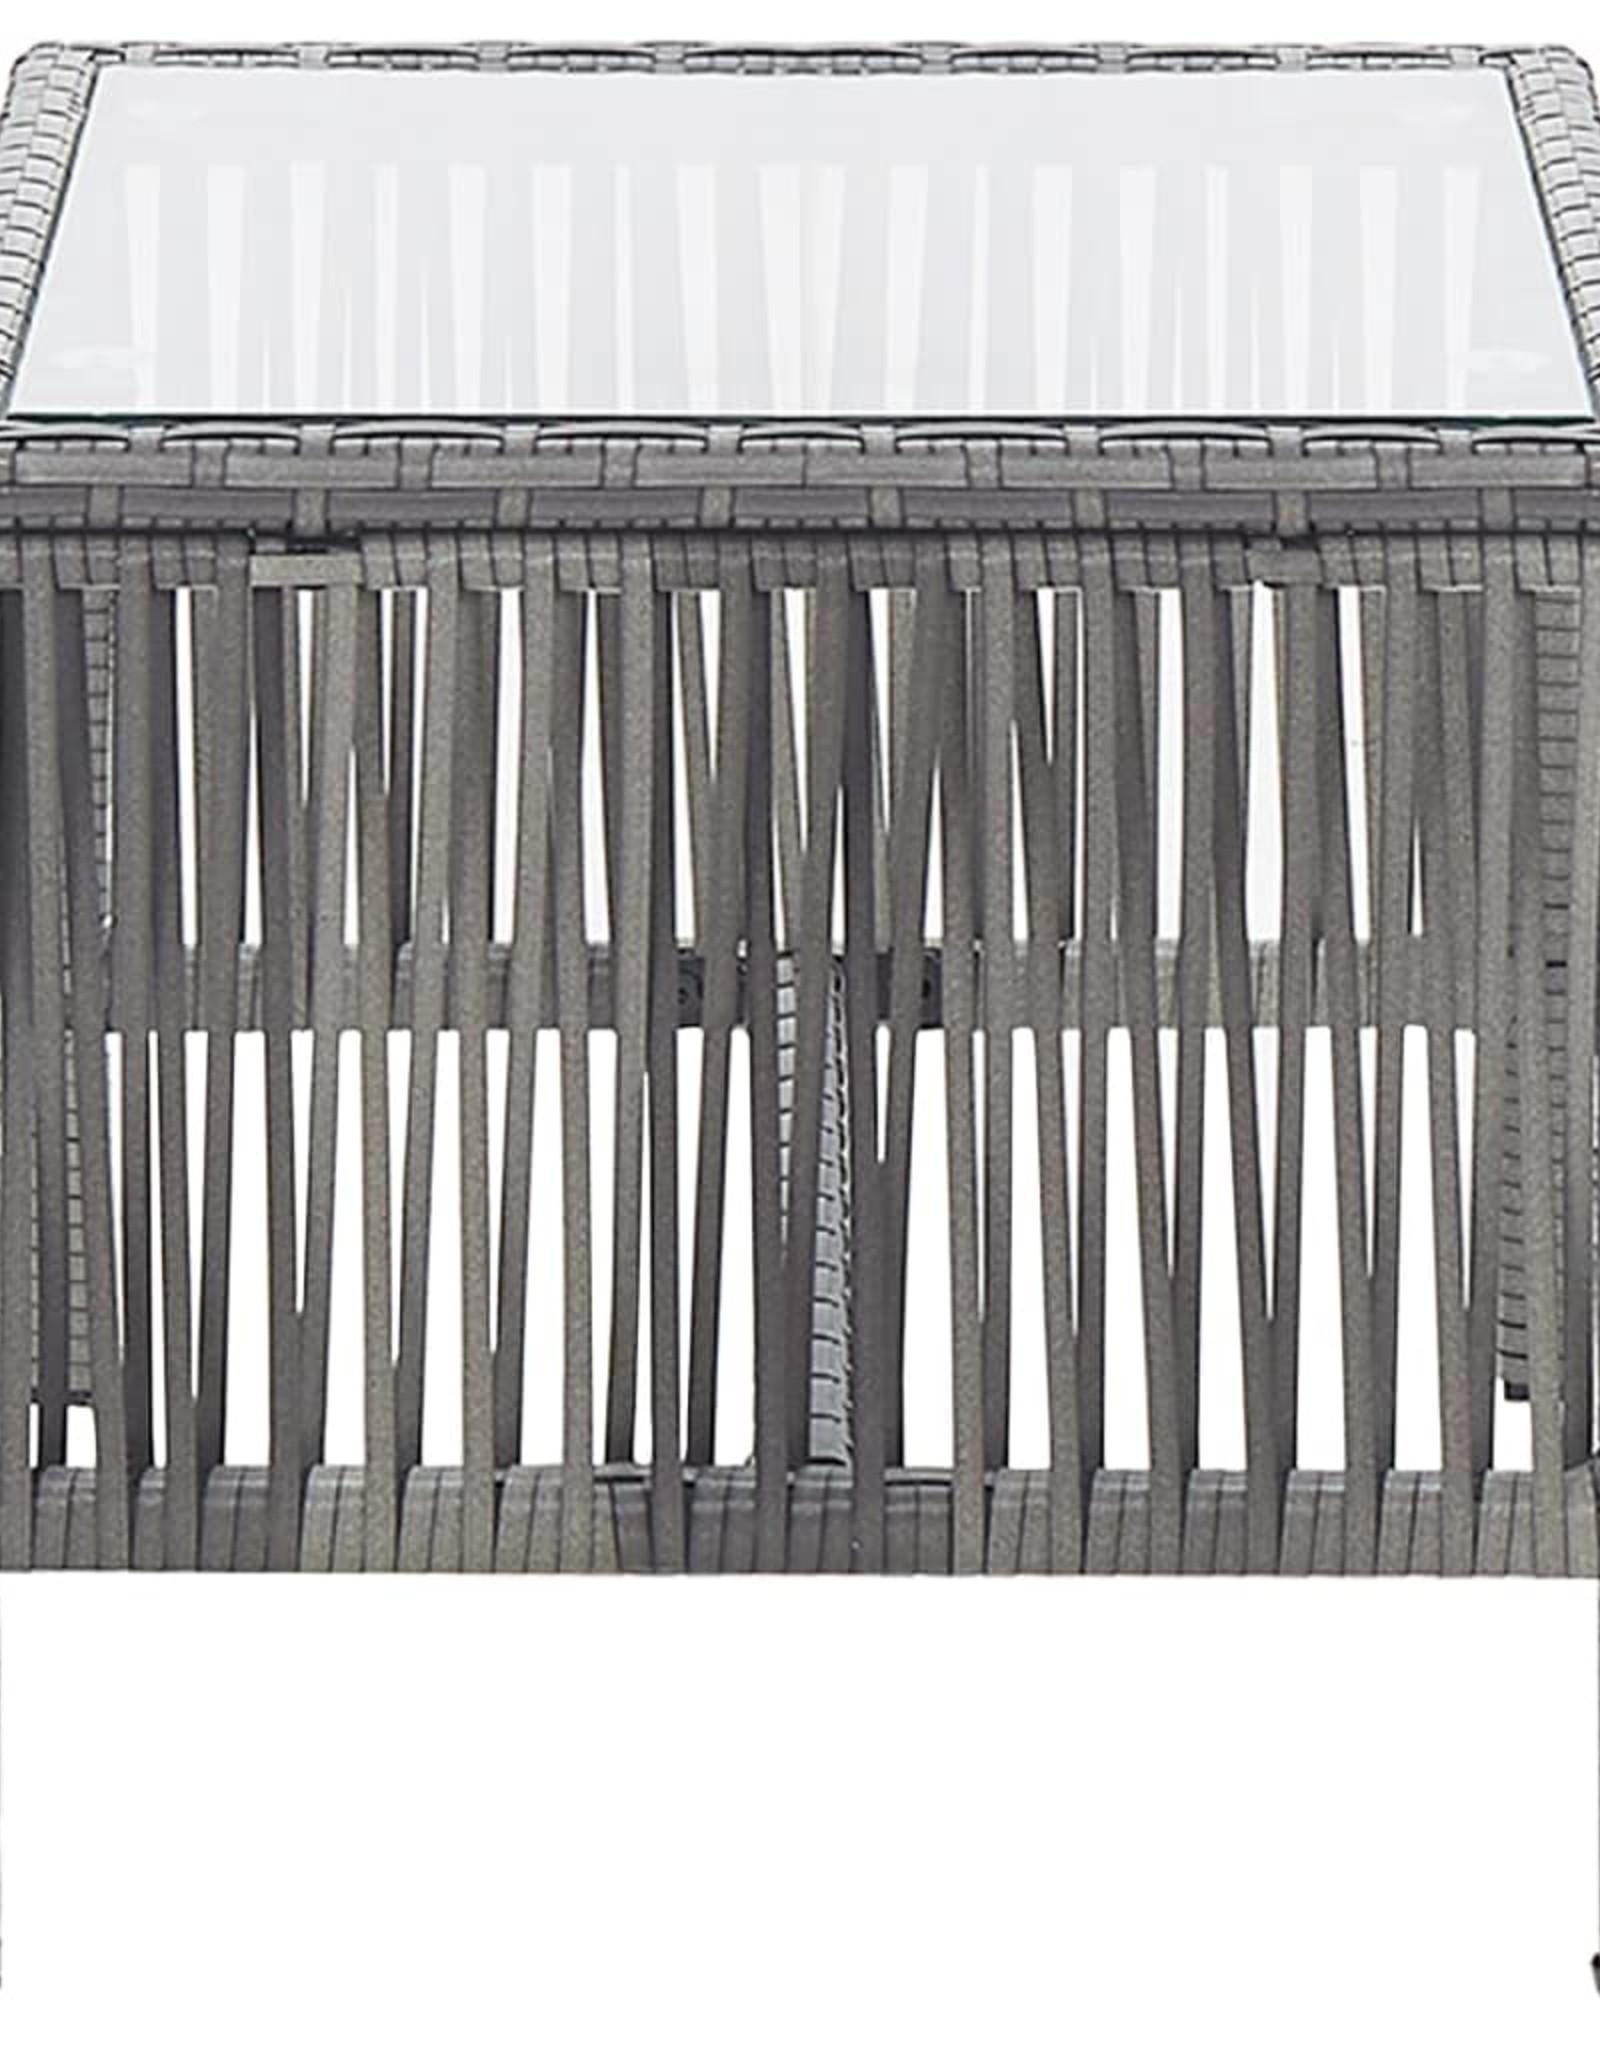 vidaXL 4-delige Loungeset met kussen poly rattan antraciet